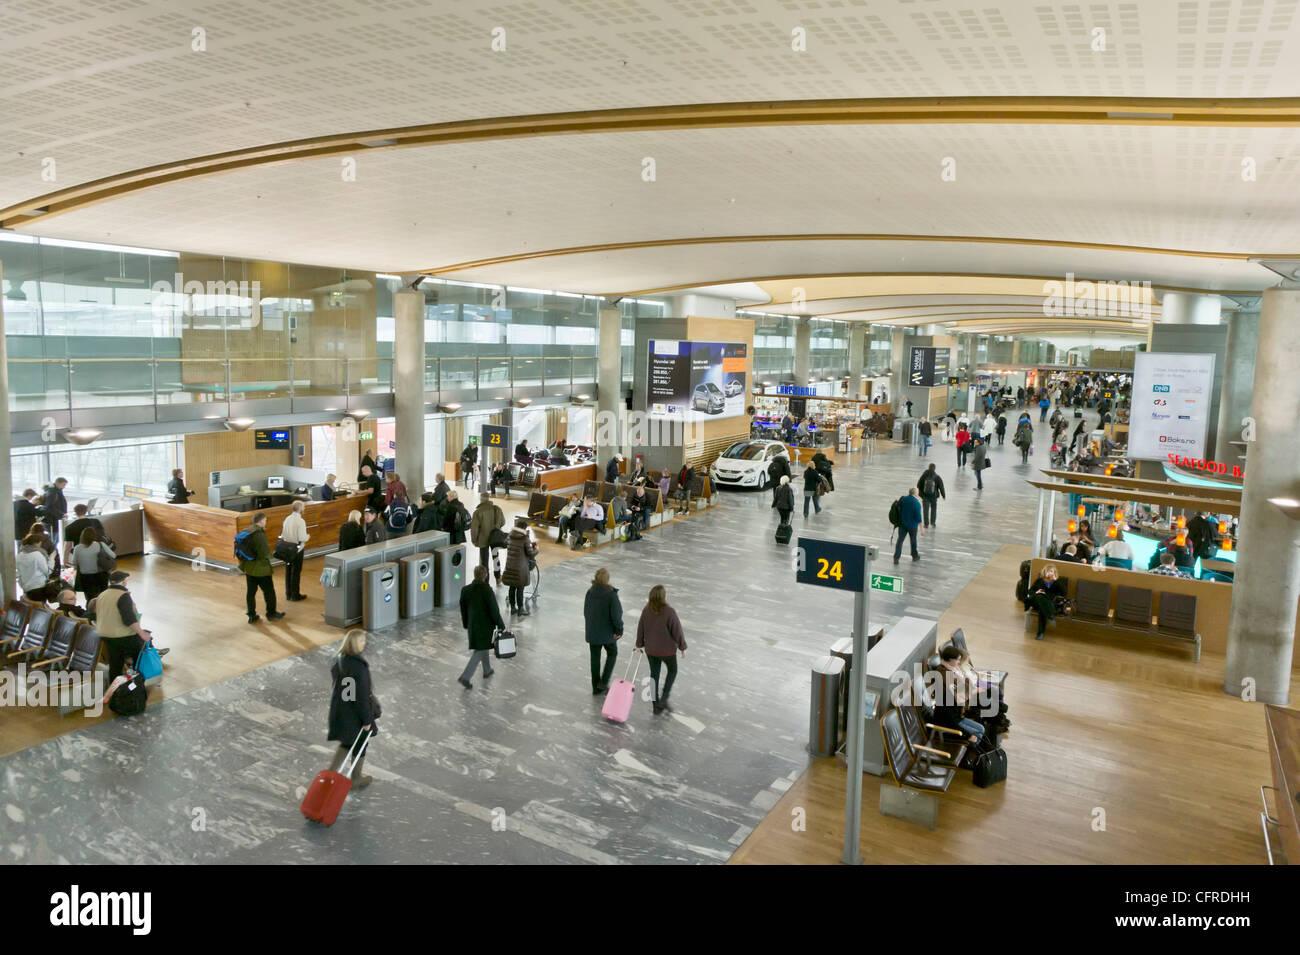 Les passagers marche à travers departure lounge hall à l'aéroport d'Oslo Norvège Europe Photo Stock